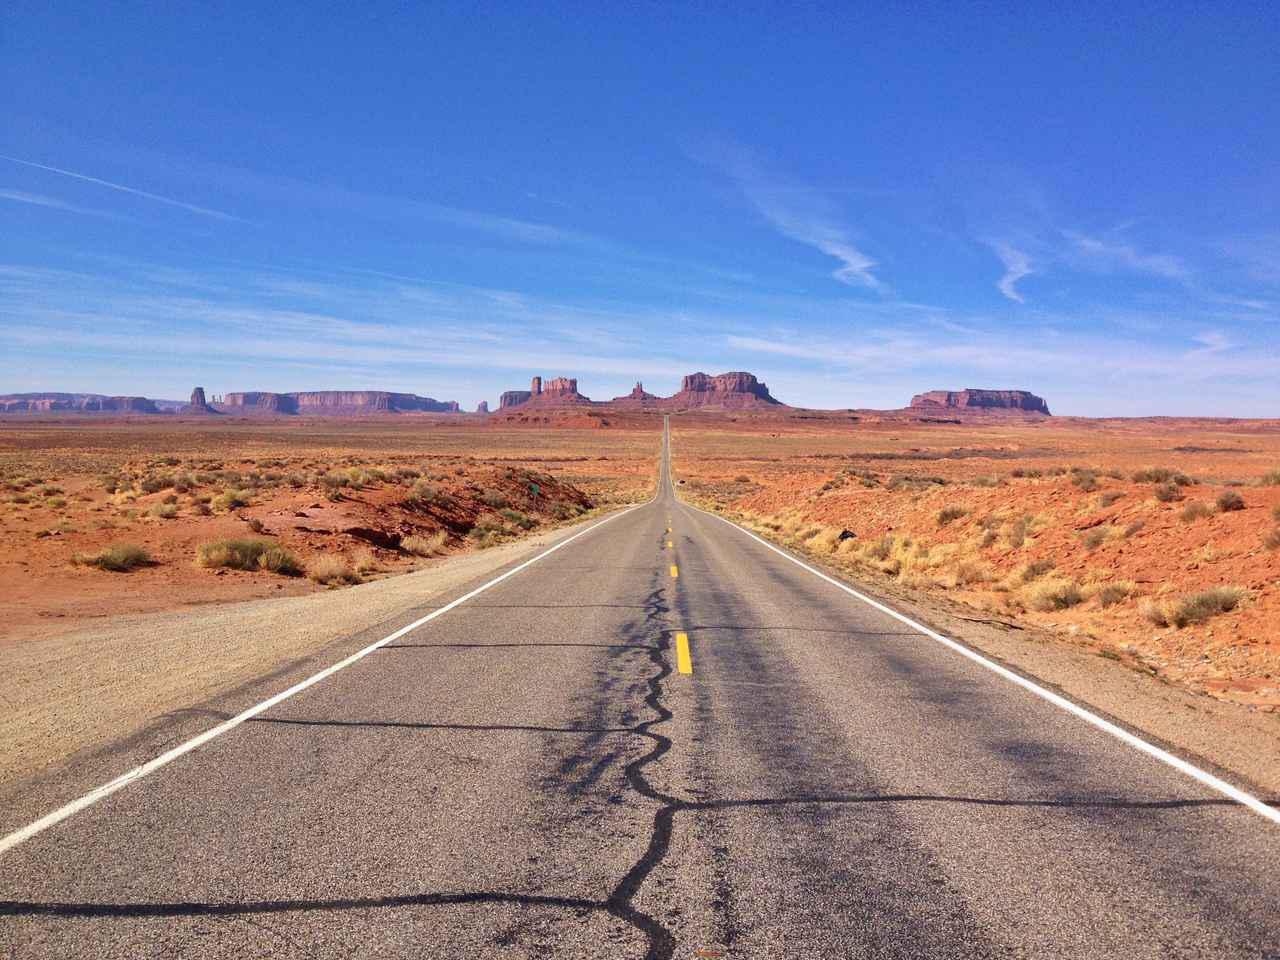 画像: 巨大な岩山に向かって延びる国道「フォレスト・ガンプ・ポイント」